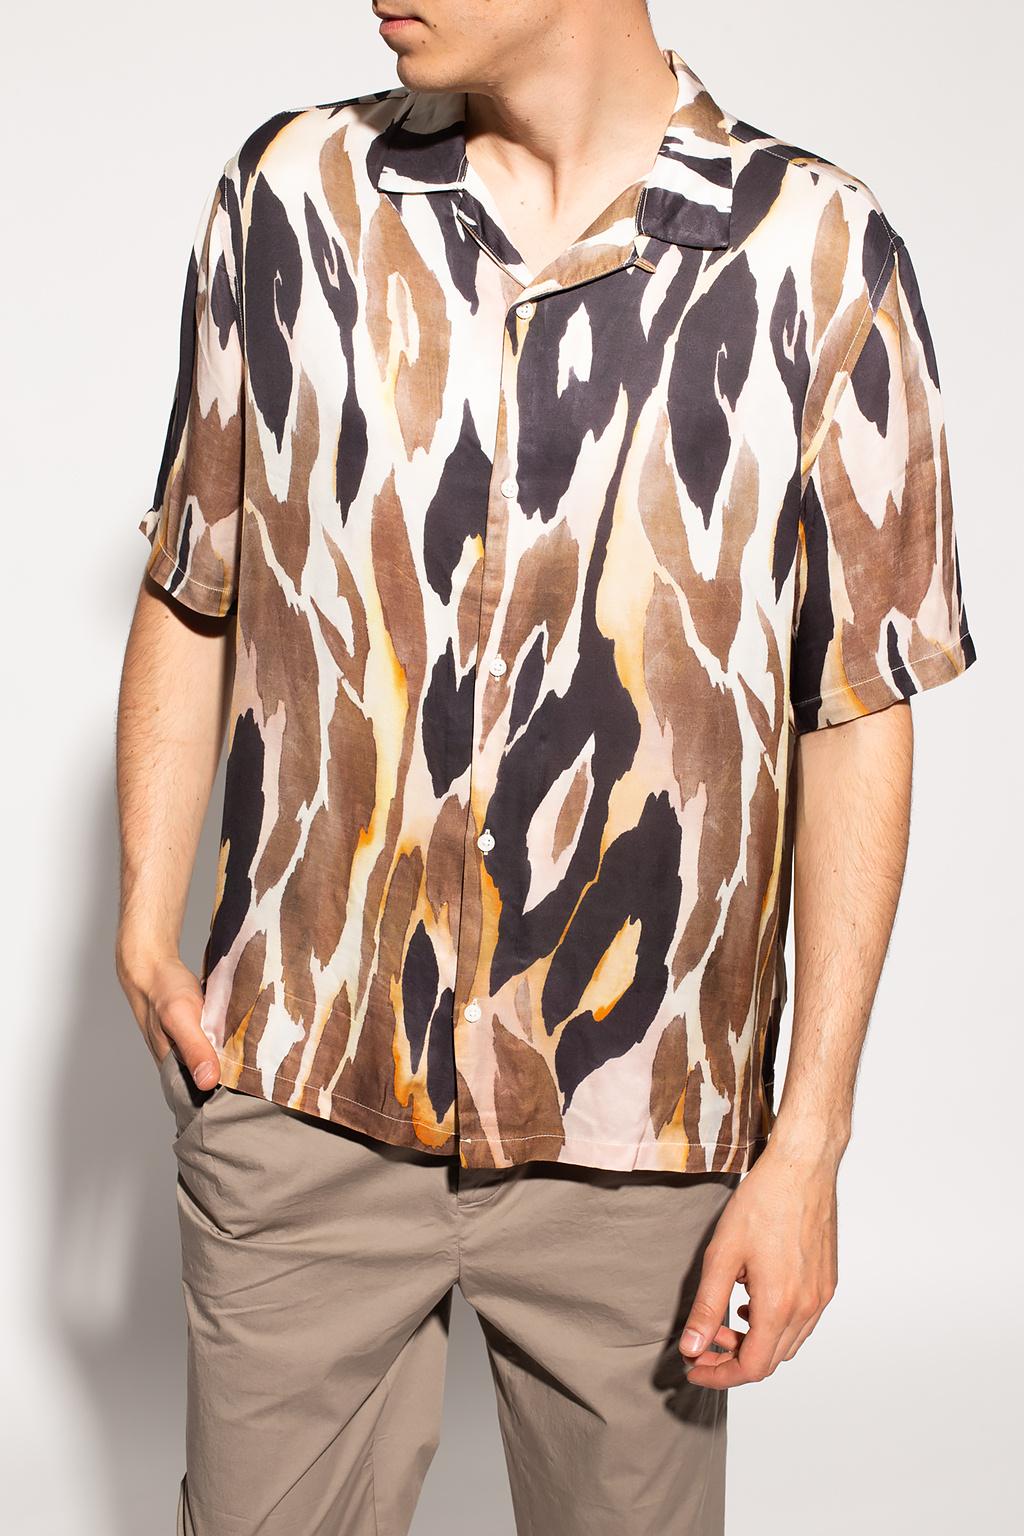 AllSaints 'Fuego' shirt